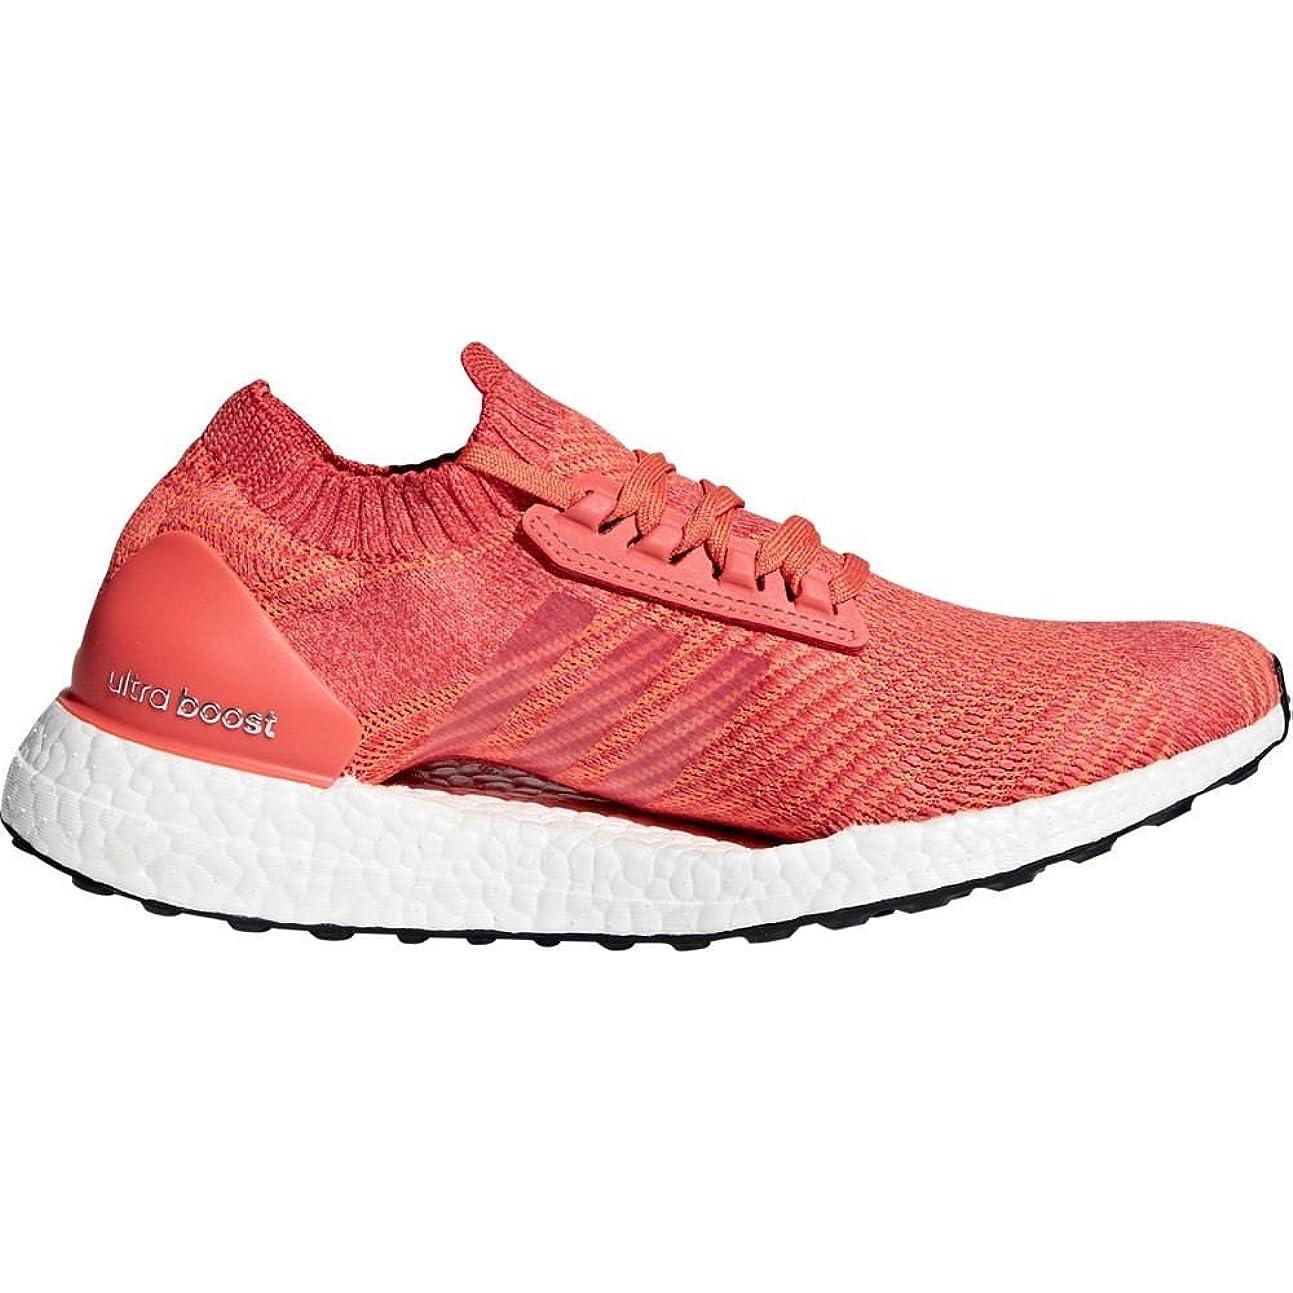 ガラガラ芝生頭痛(アディダス) adidas レディース ランニング?ウォーキング シューズ?靴 Ultra Boost X Running Shoes [並行輸入品]